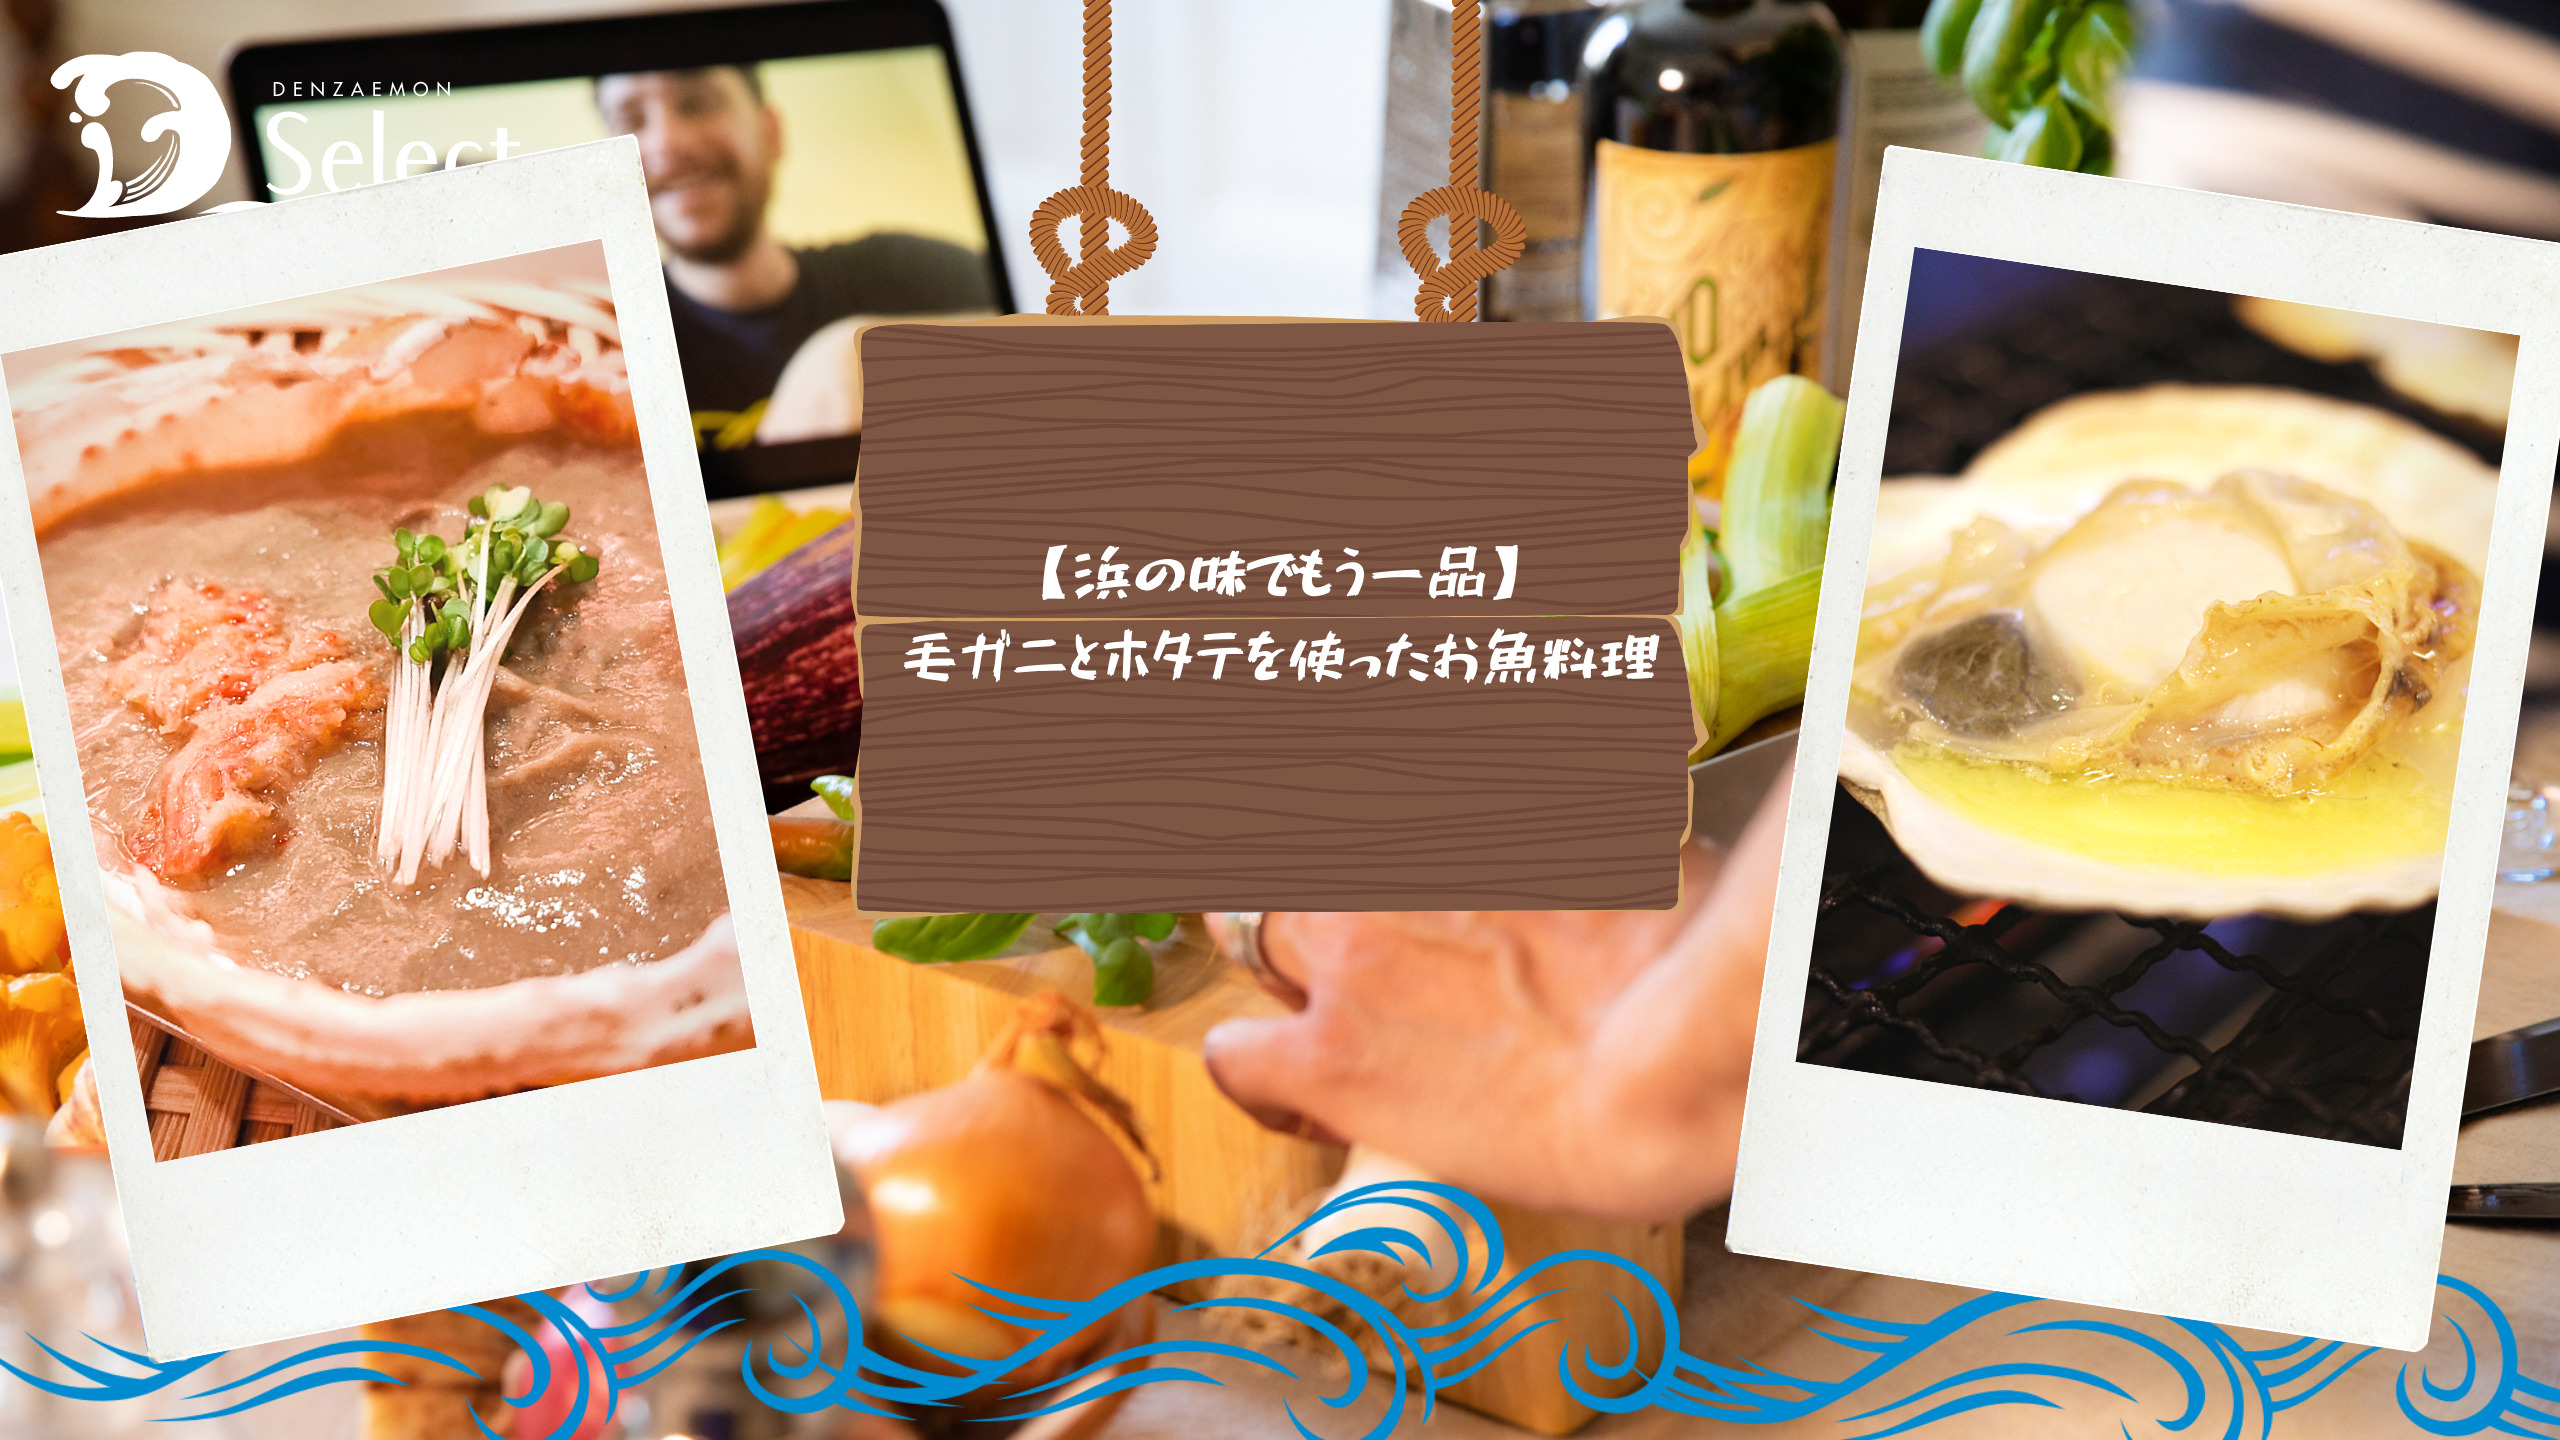 【浜の味でもう一品】毛ガニとホタテを使ったお魚料理